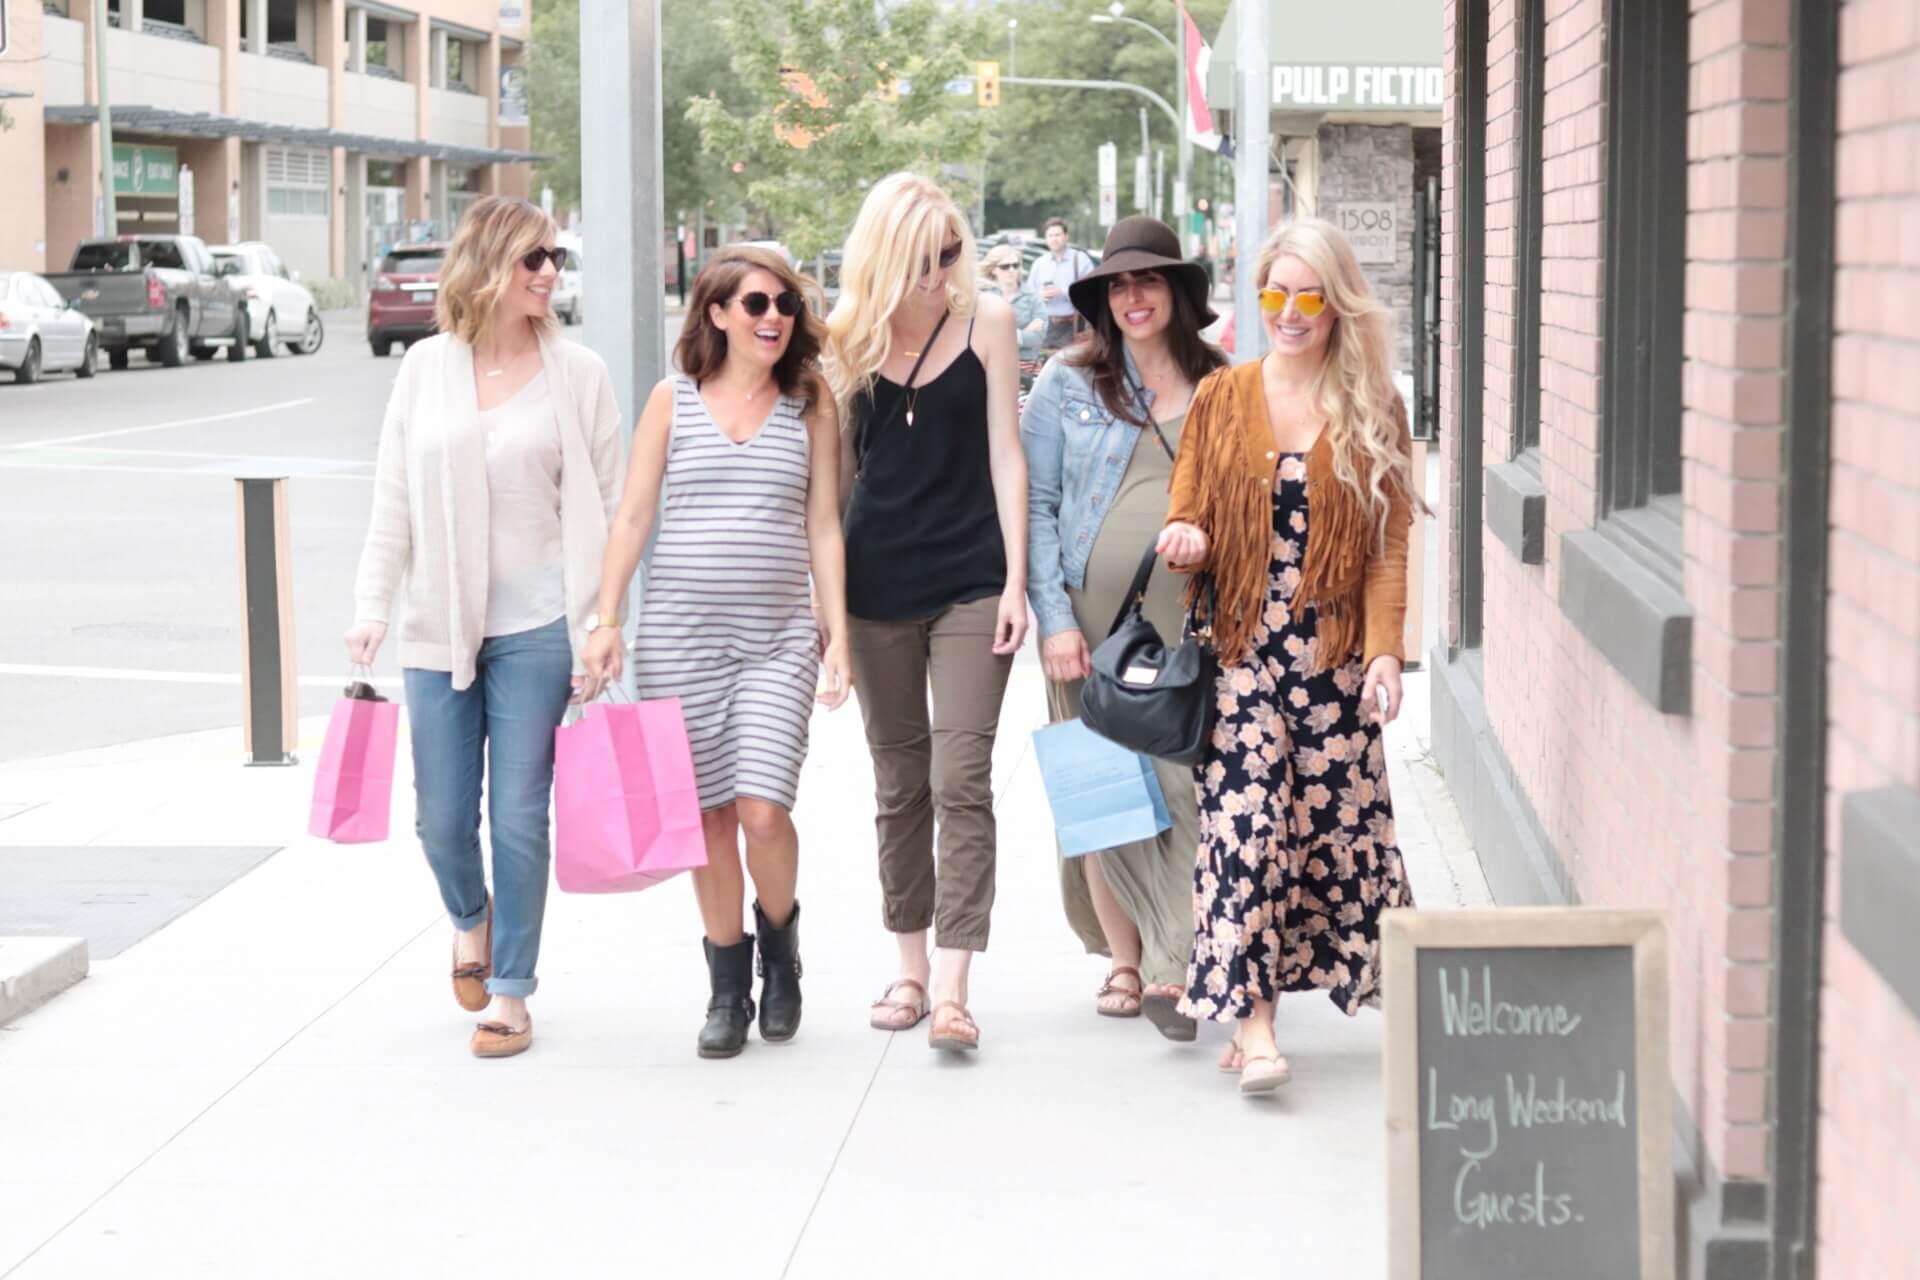 jillian harris and friends walking down street in joe fresh